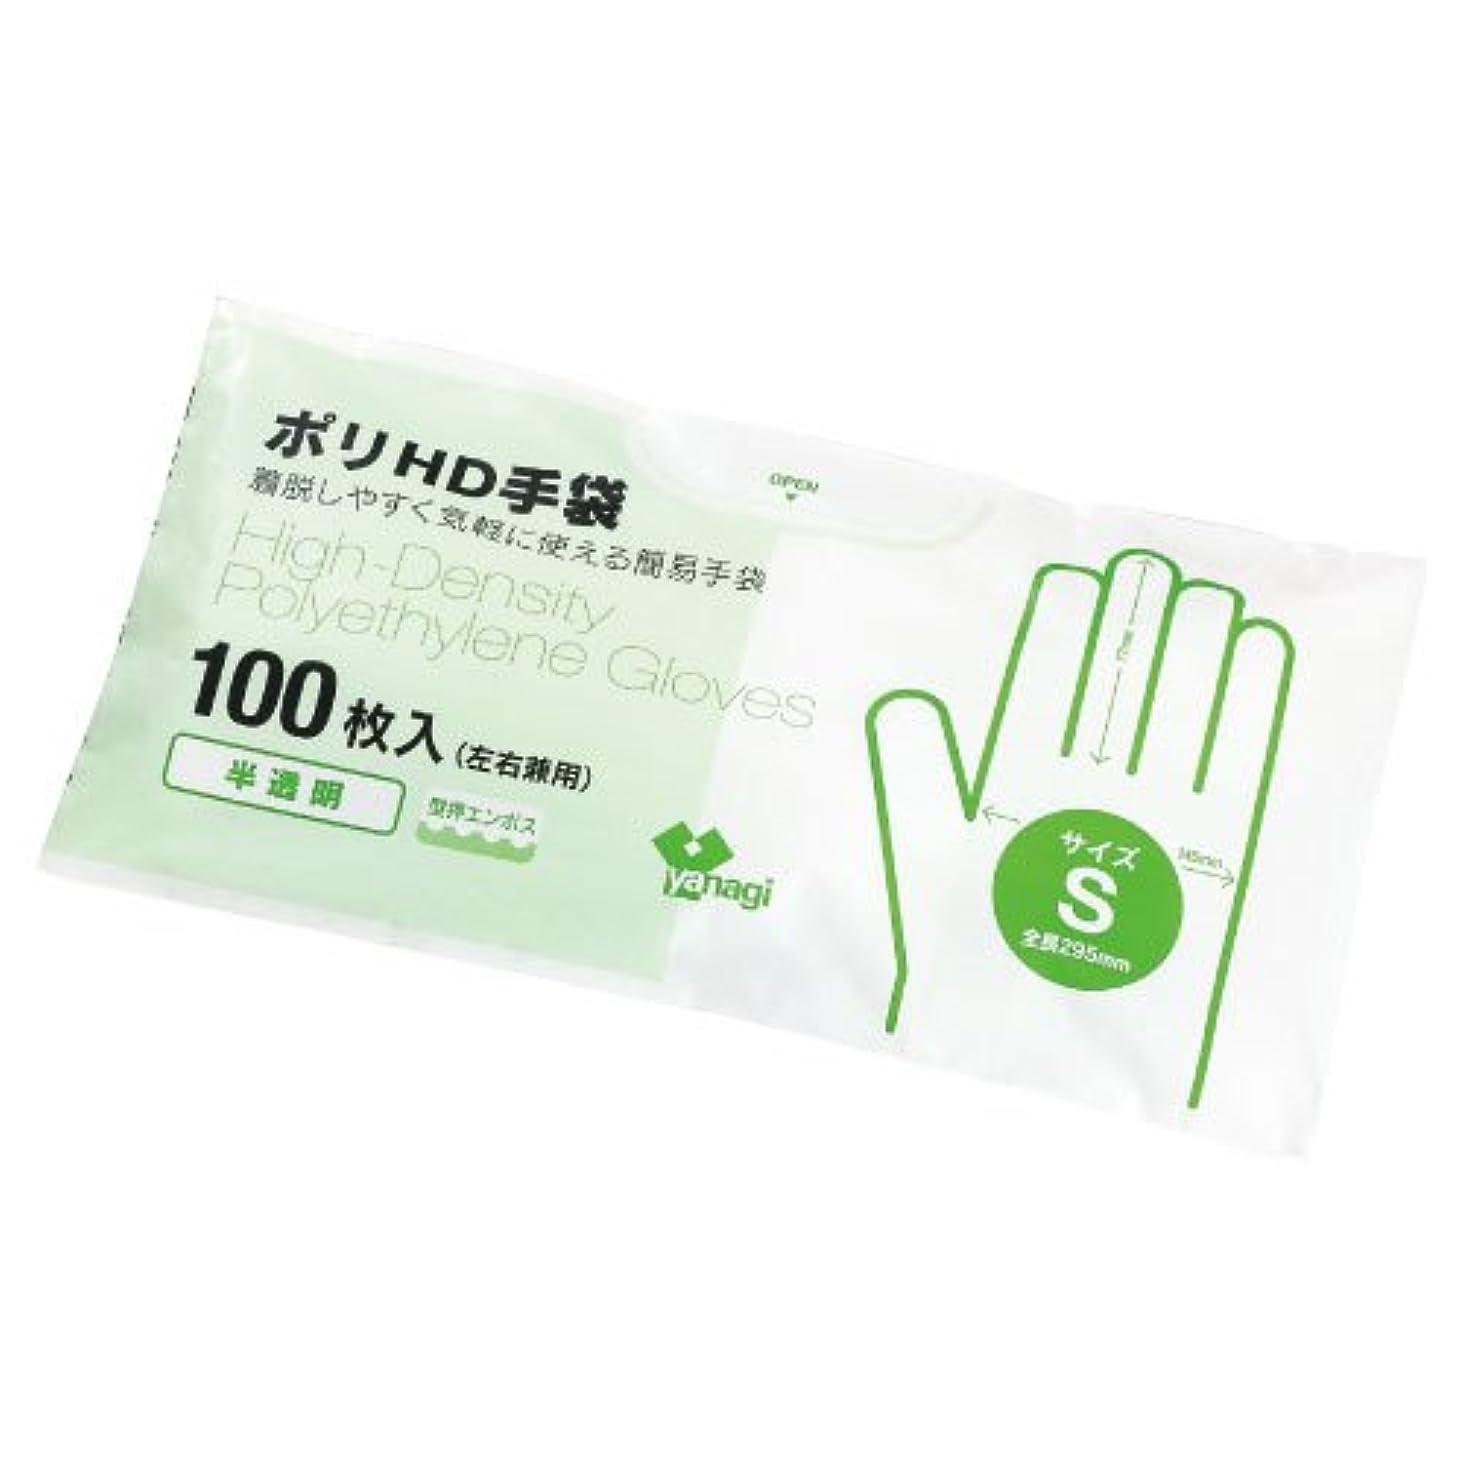 通知上達成可能ポリHD手袋(半透明)型押エンボス TB-203(M)100???? ???HD???????????????(24-2575-01)【やなぎプロダクツ】[120袋単位]